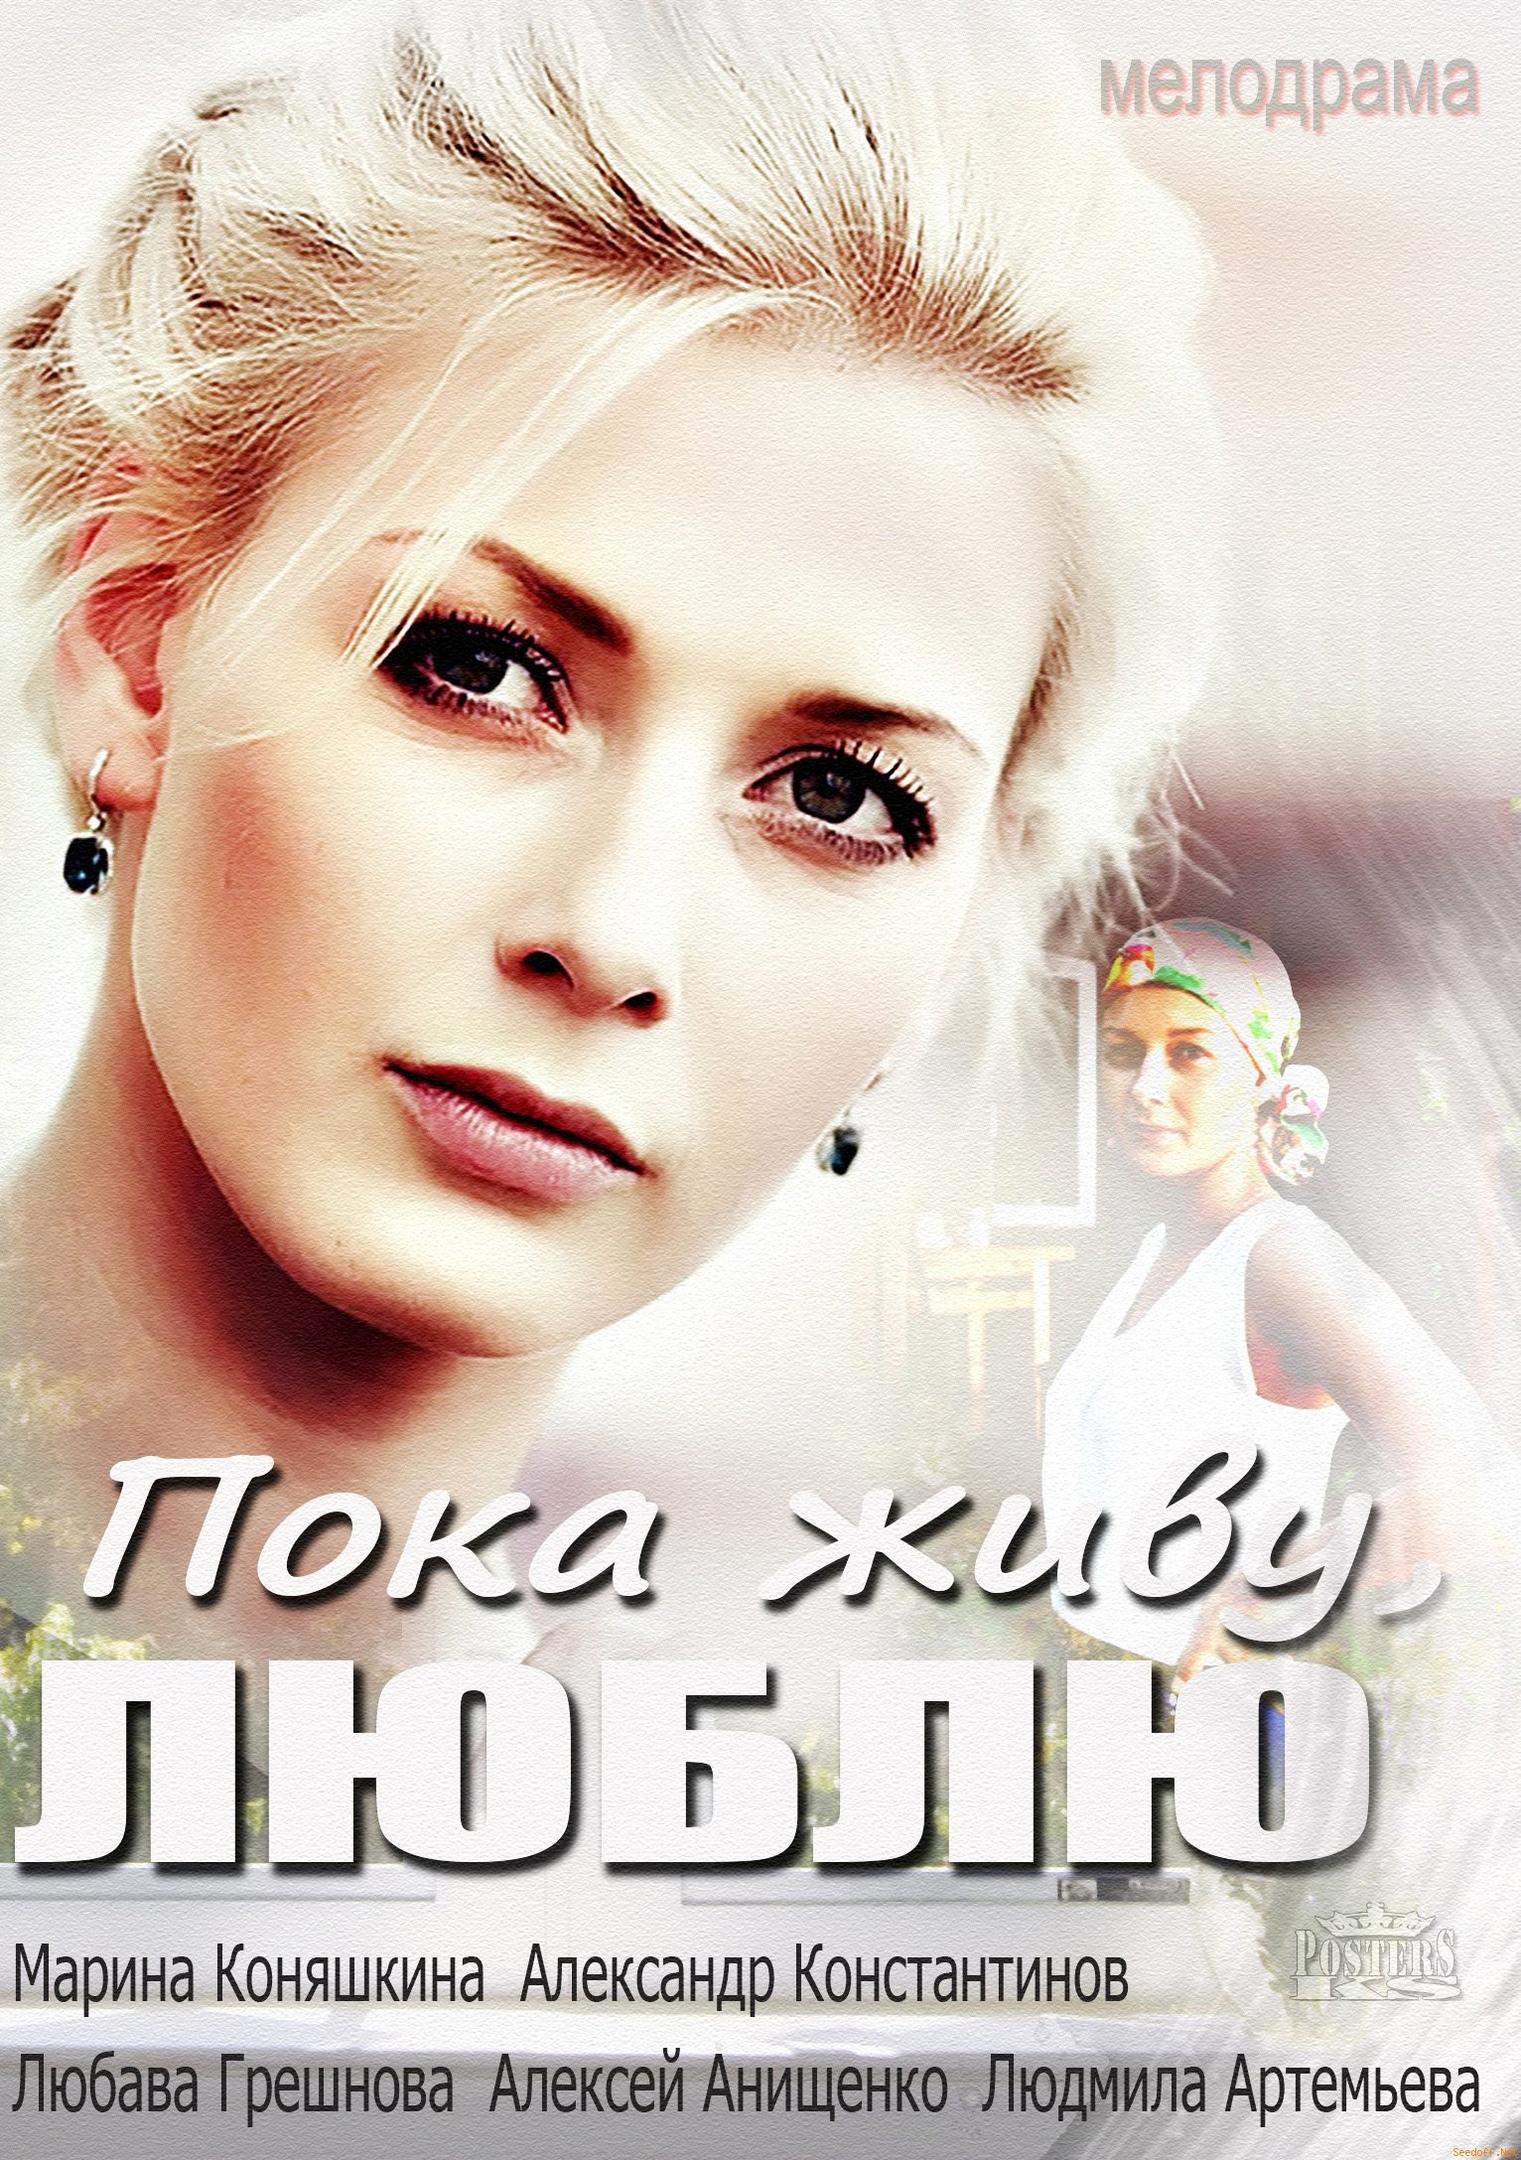 Мелодрама «Пoкa живy, люблю» (2013) 1-4 серия из 4 HD